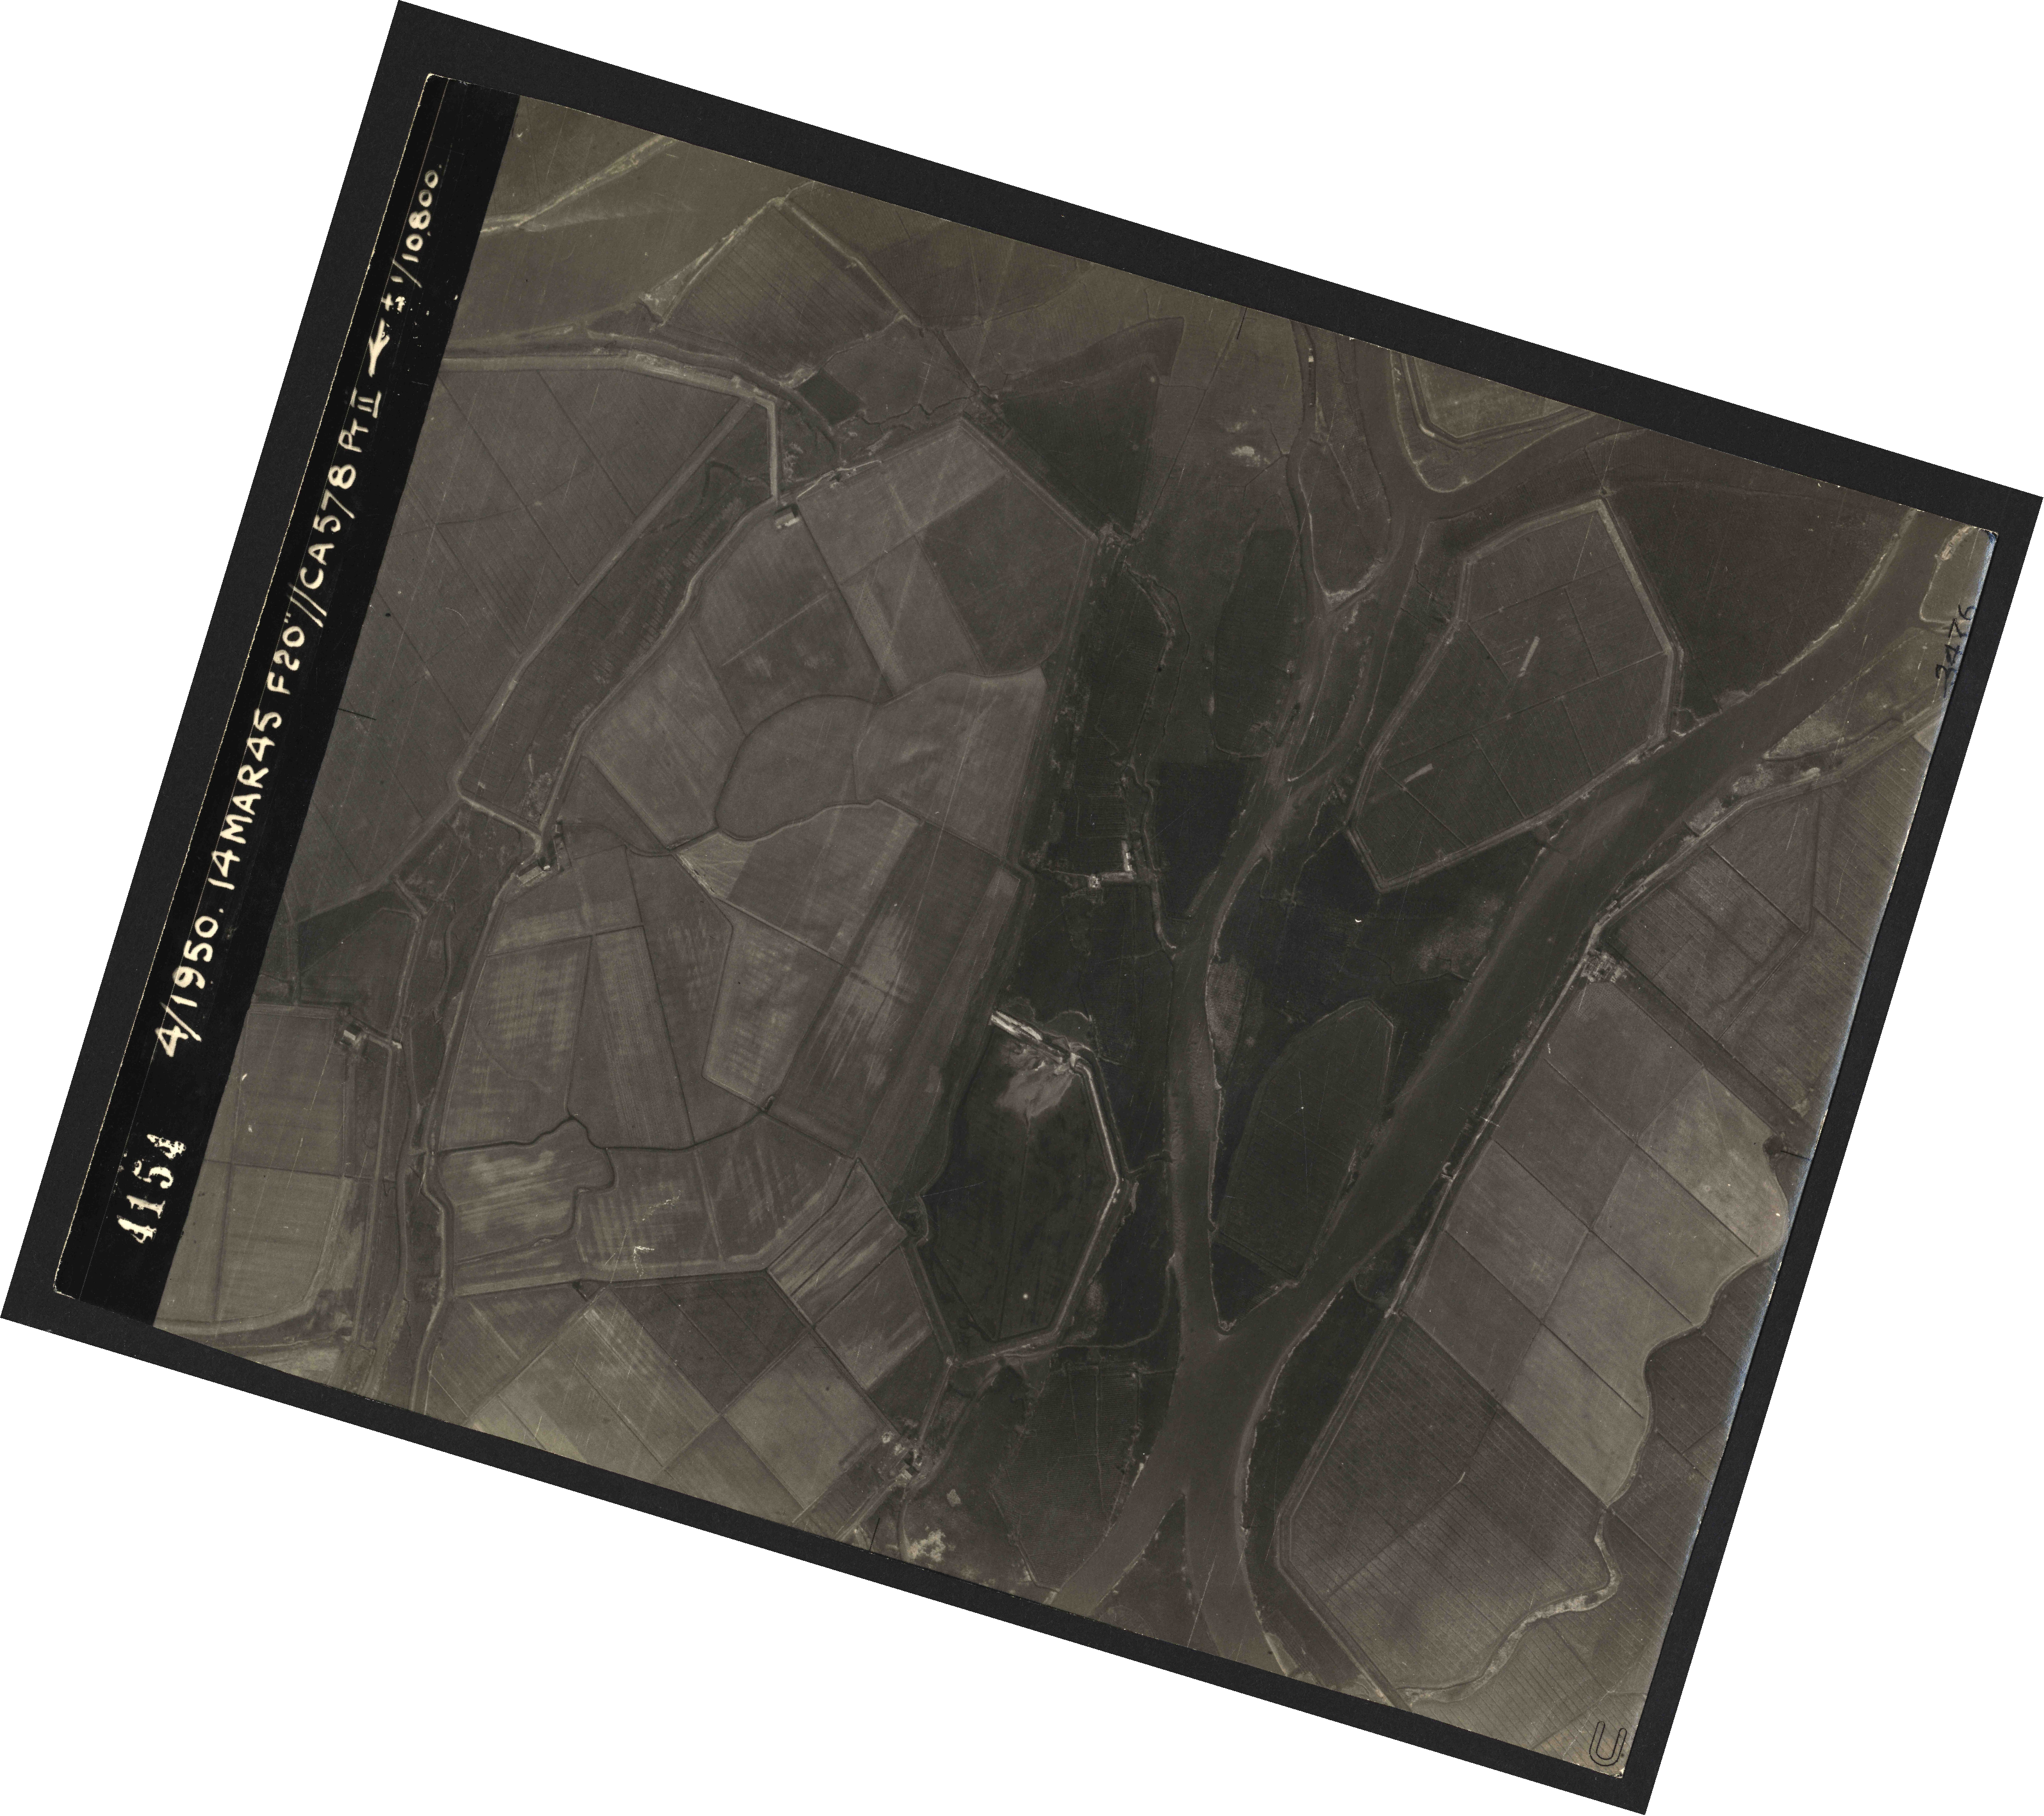 Collection RAF aerial photos 1940-1945 - flight 010, run 11, photo 4154